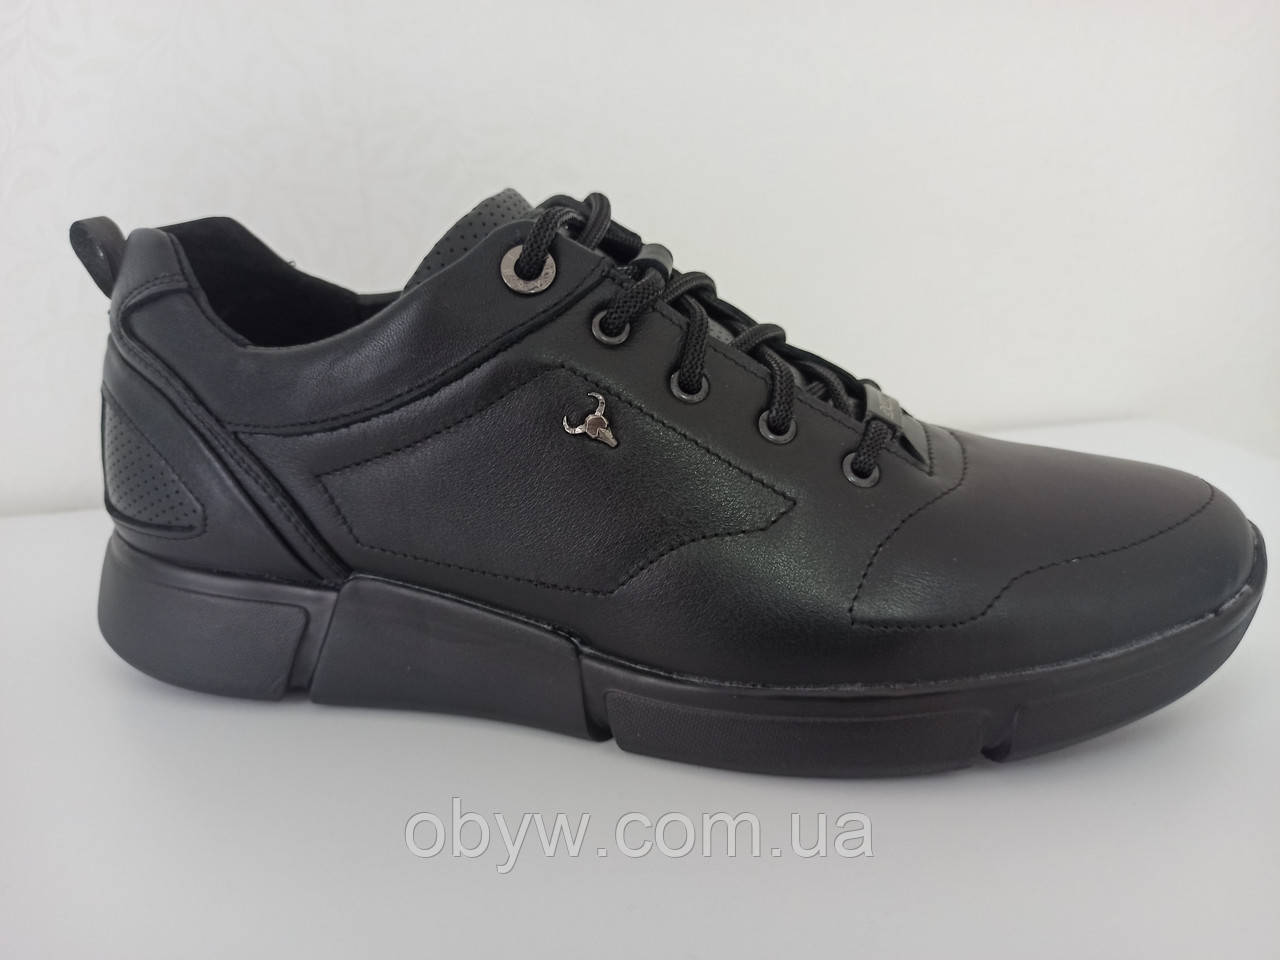 Польська чоловіча шкіряна взуття yak - 4045